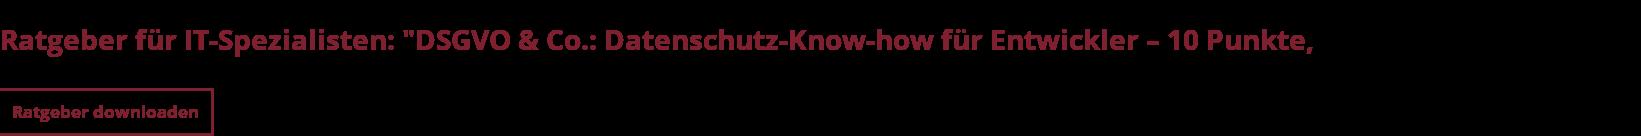 """Ratgeber für IT-Spezialisten: """"DSGVO & Co.: Datenschutz-Know-how für Entwickler  – 10 Punkte, die Sie kennen sollten"""" Ratgeber downloaden"""